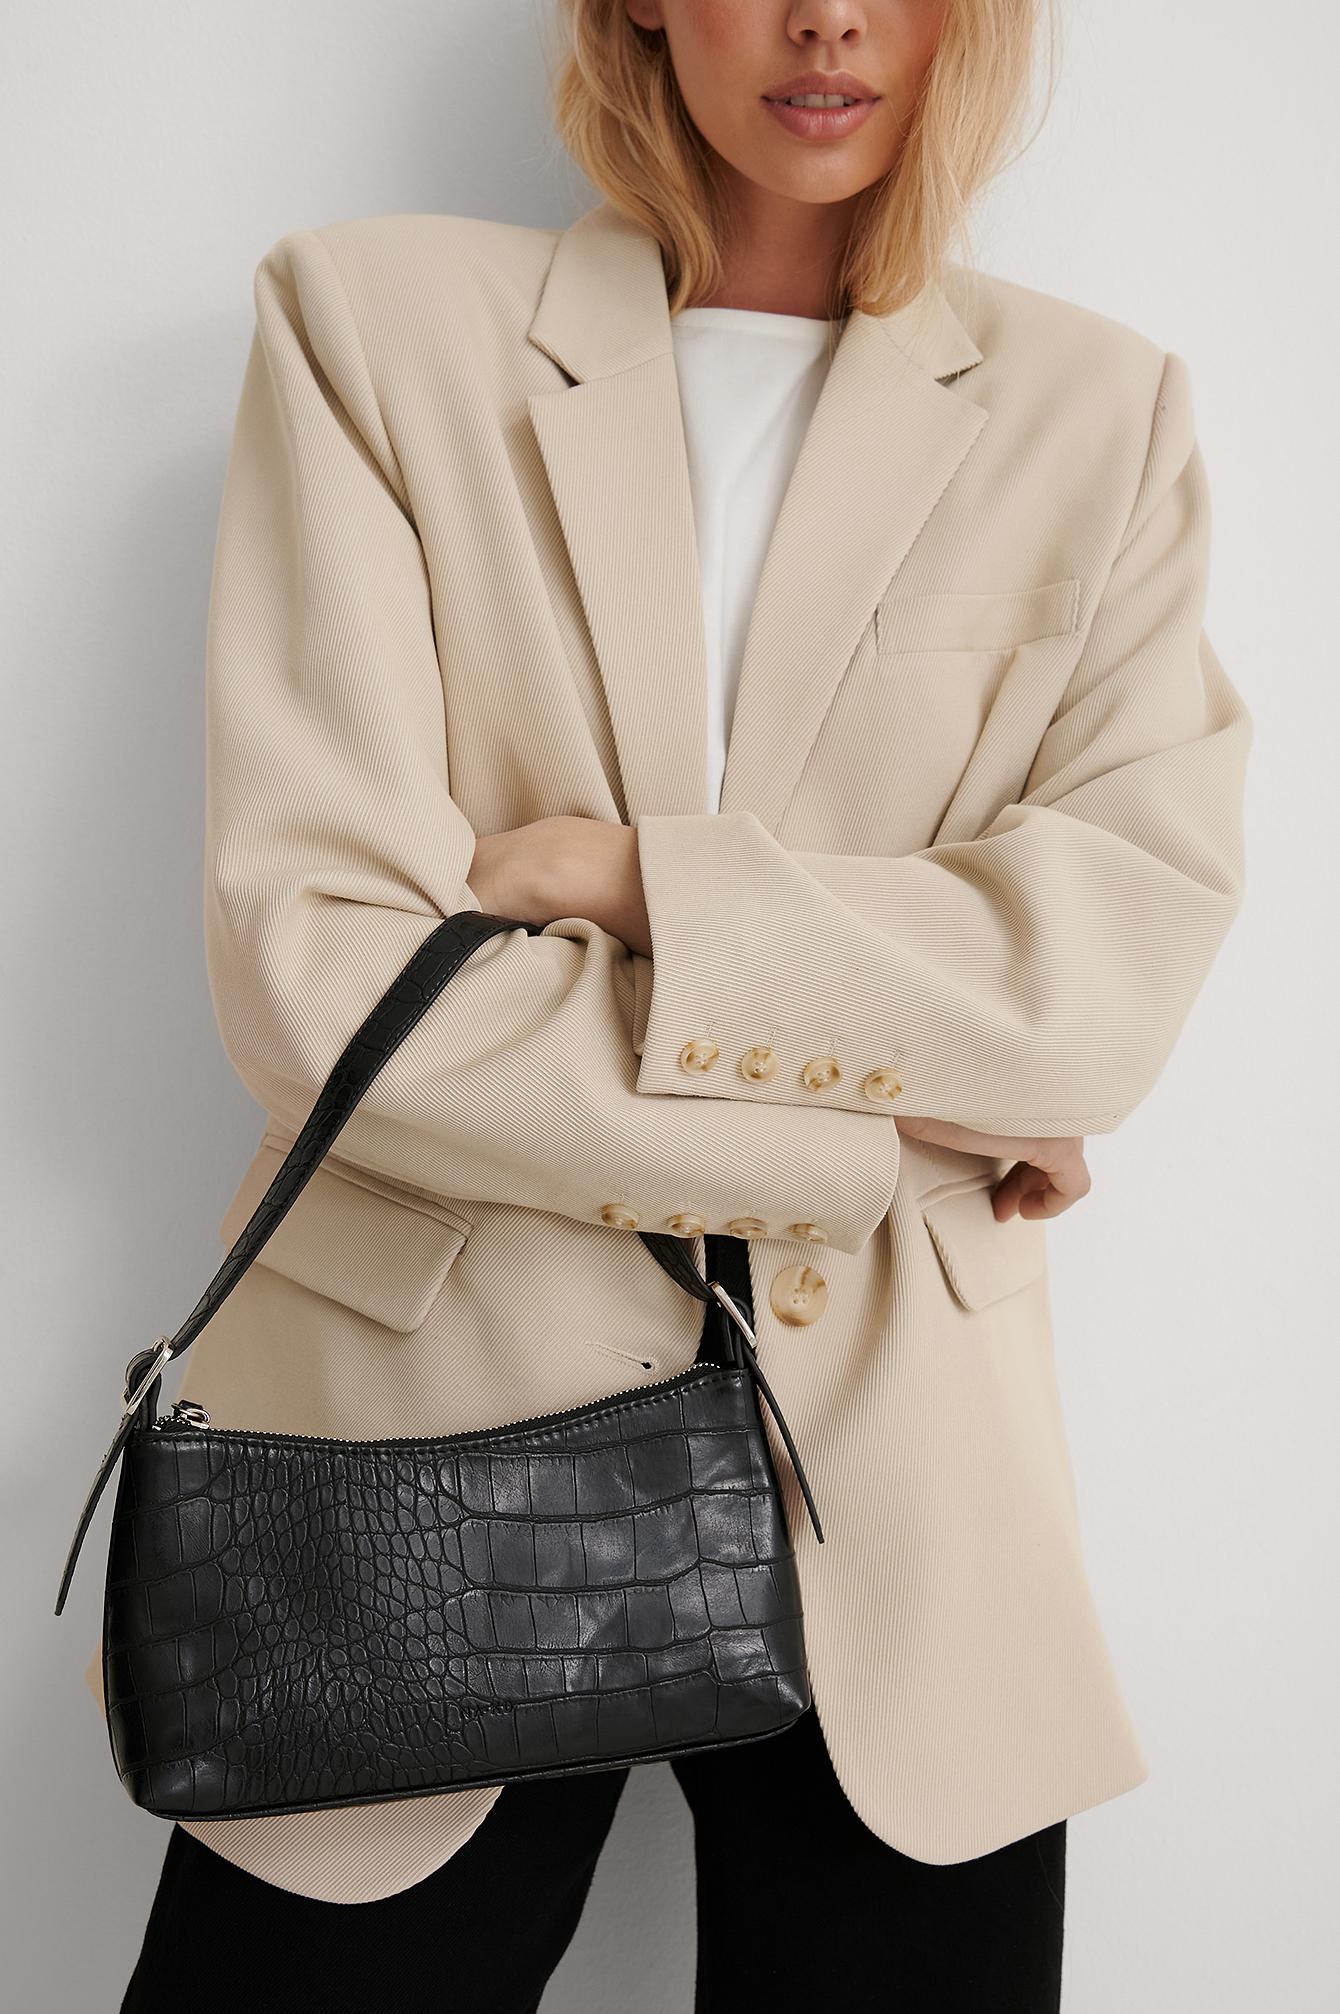 na-kd accessories -  Tasche - Black